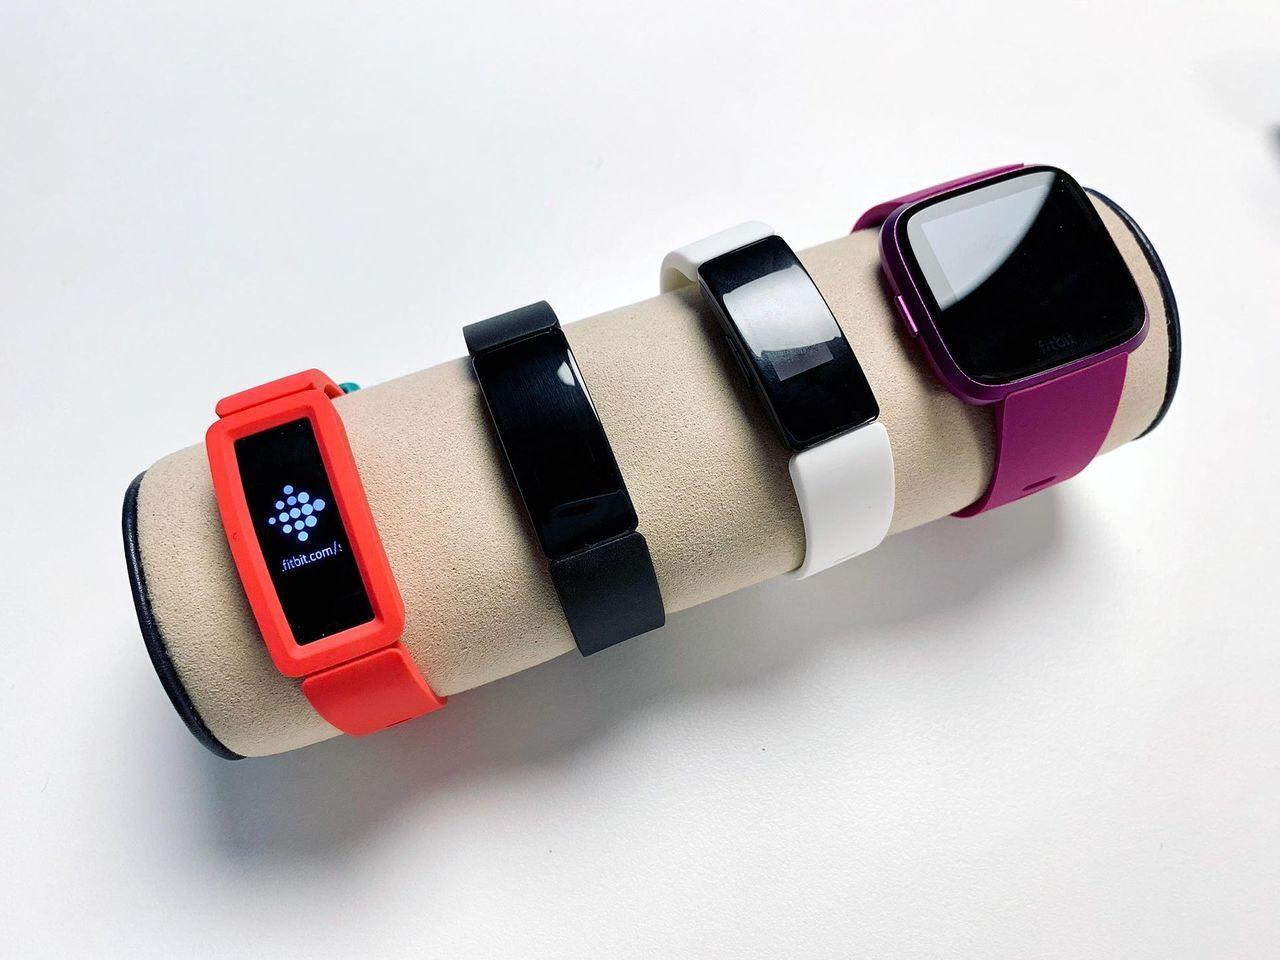 Alphabet uppges vara sugna på att köpa Fitbit